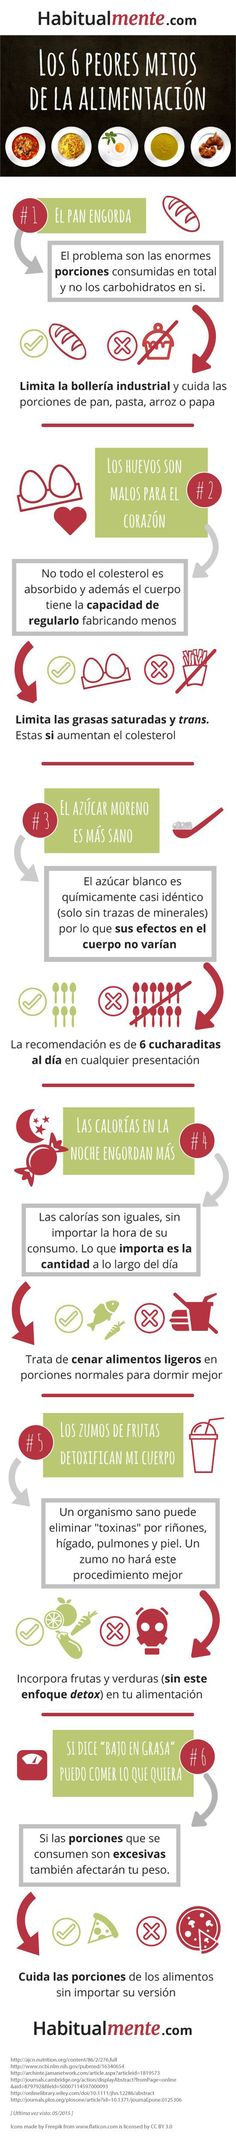 Los 6 peores mitos de la alimentación. #alimentación #infografía